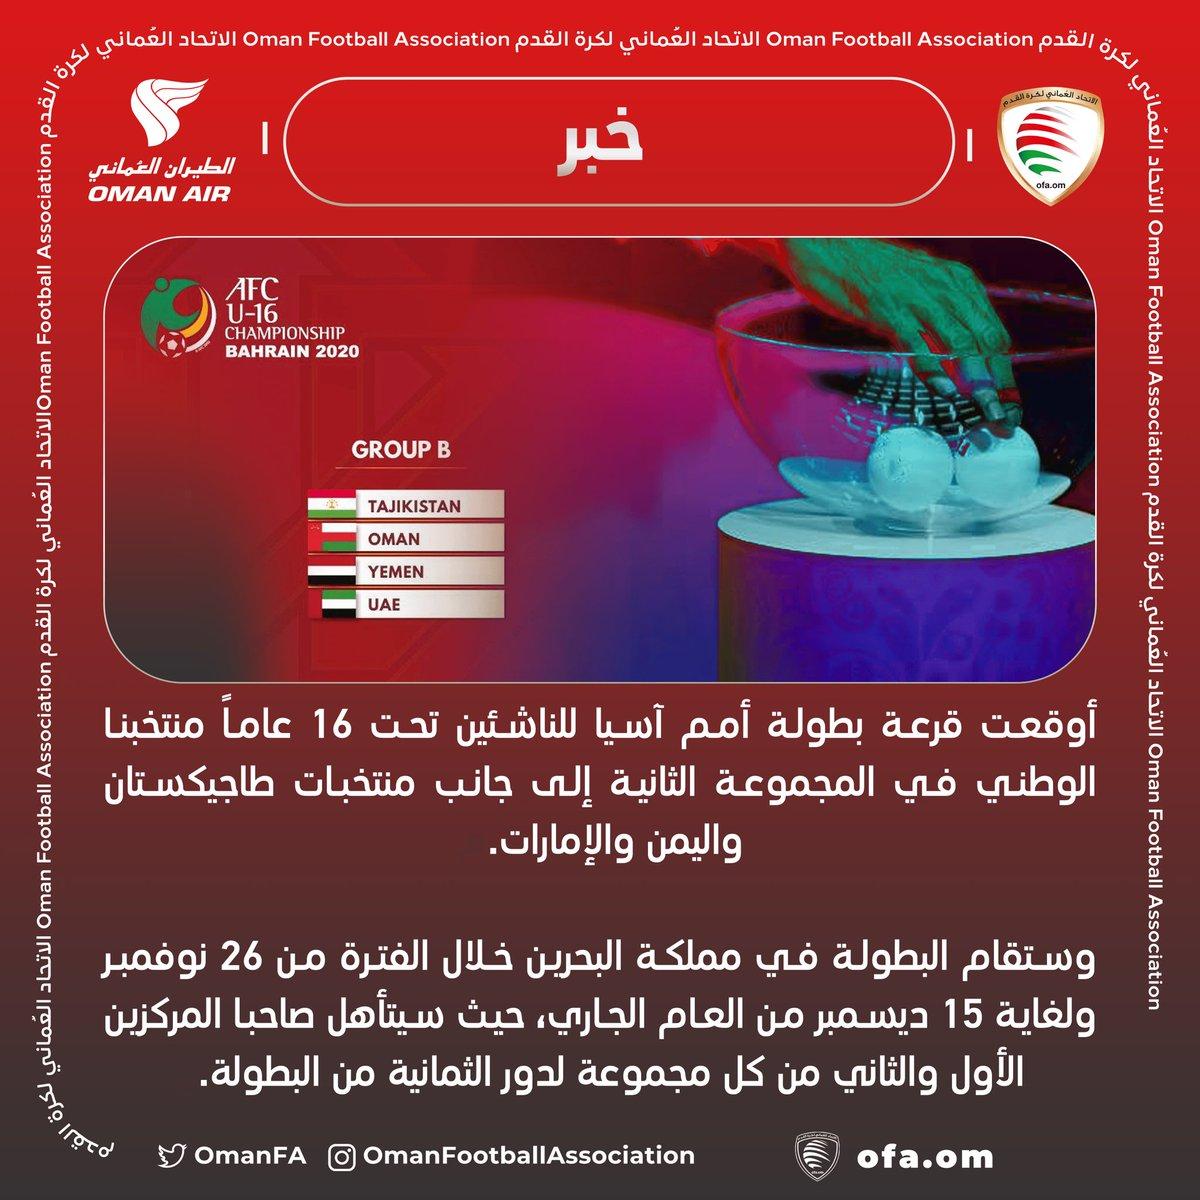 📌 قرعة بطولة أمم آسيا للناشئين تحت 16 عاماً، تضع منتخبنا الوطني في المجموعة الثانية.